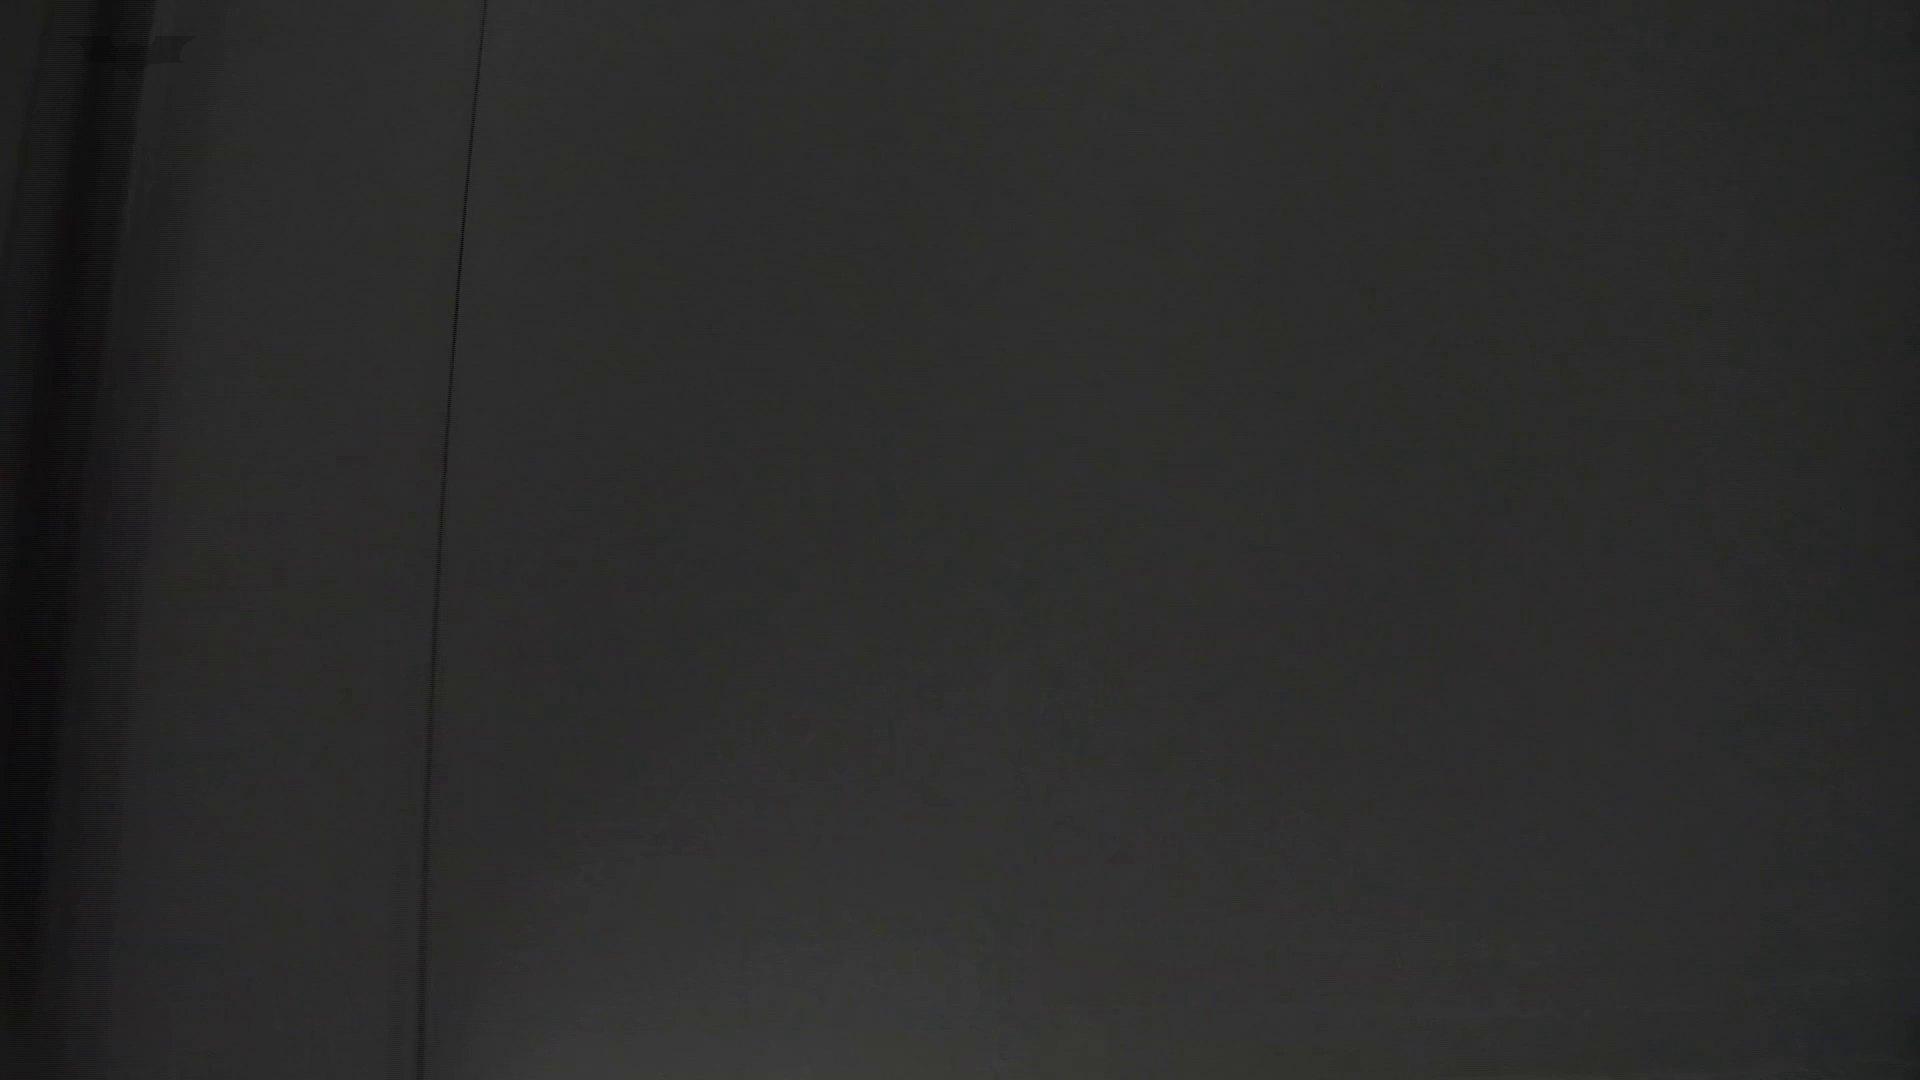 美しい日本の未来 No.22 未来進歩3 感動レベル【2015・12位】 丸見え 性交動画流出 96枚 74